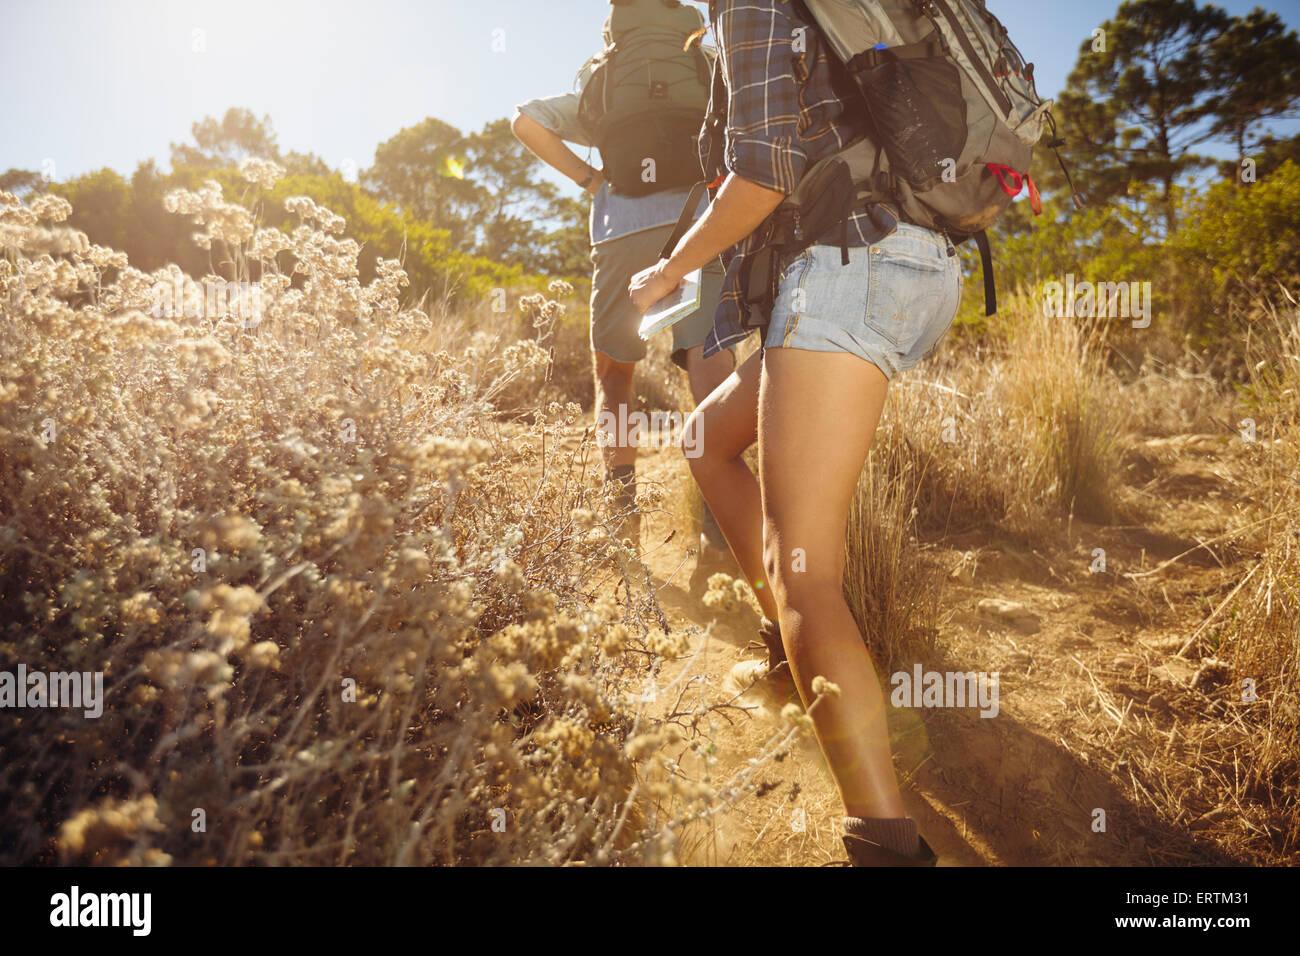 Portrait de l'homme et de la femme marche sur chemin-pays. Jeune couple randonnées en montagne aux beaux jours. Banque D'Images